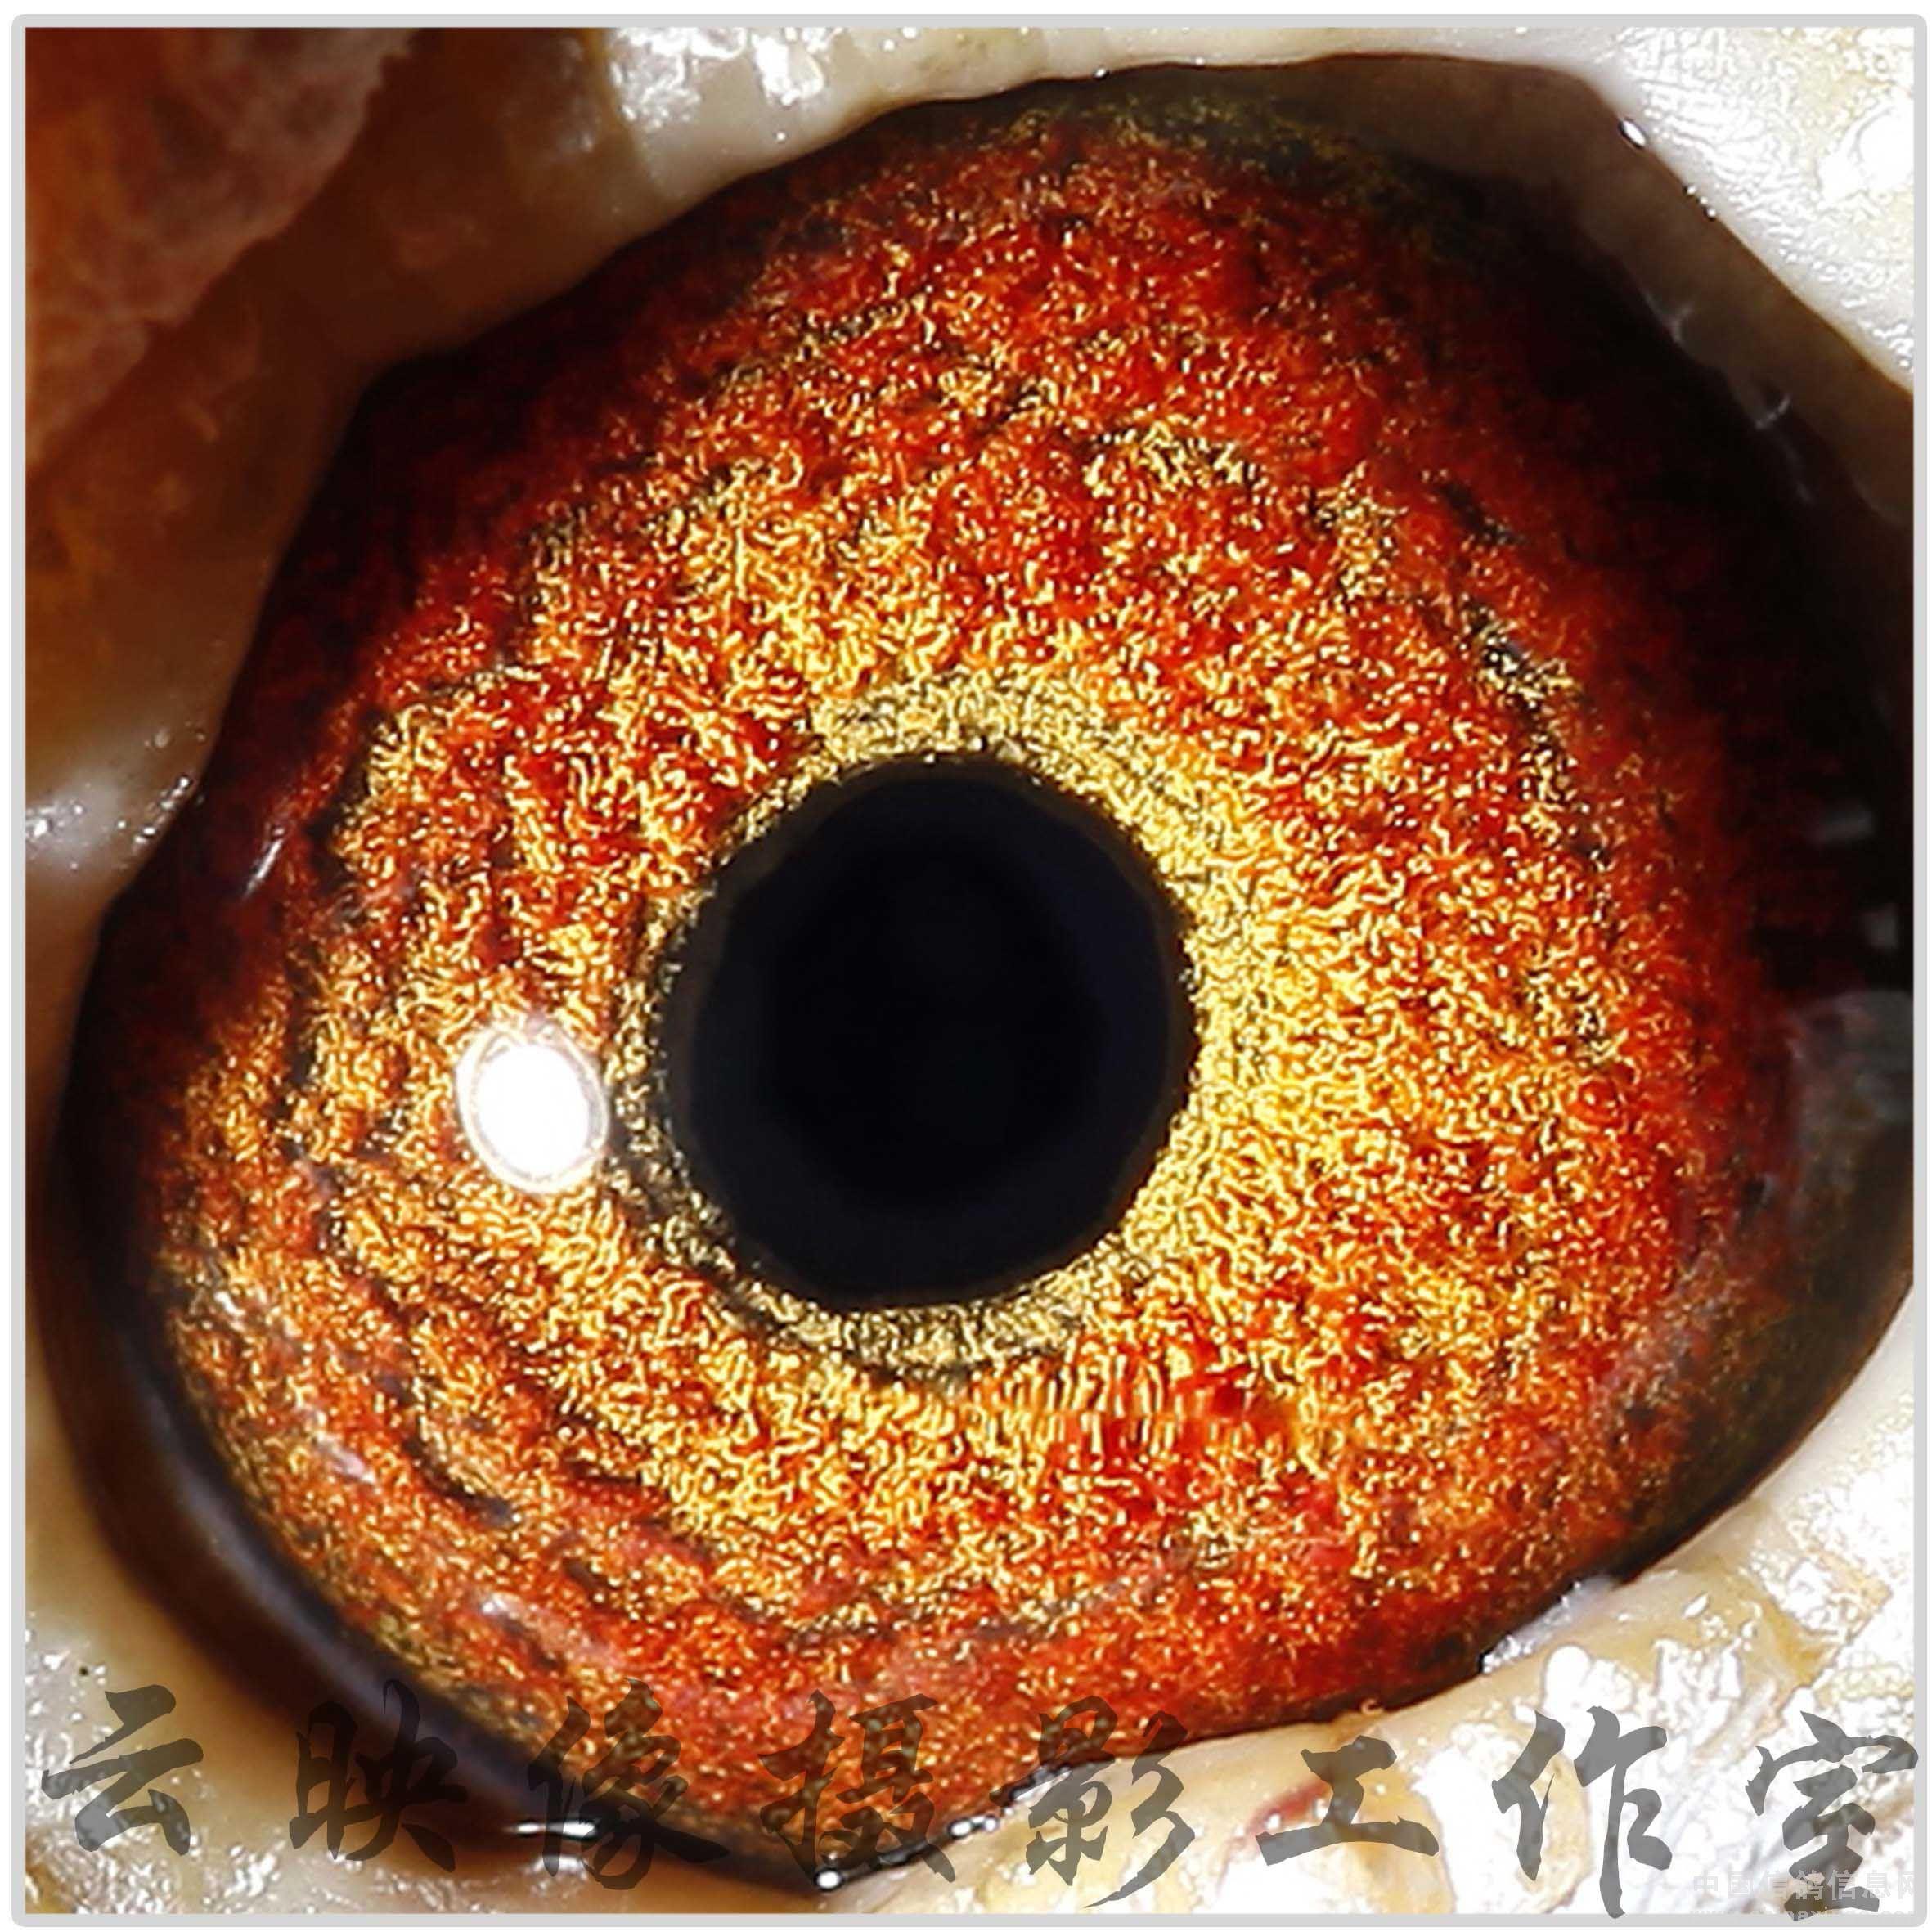 中国 鸽舍/优秀种赛鸽鸽眼欣赏